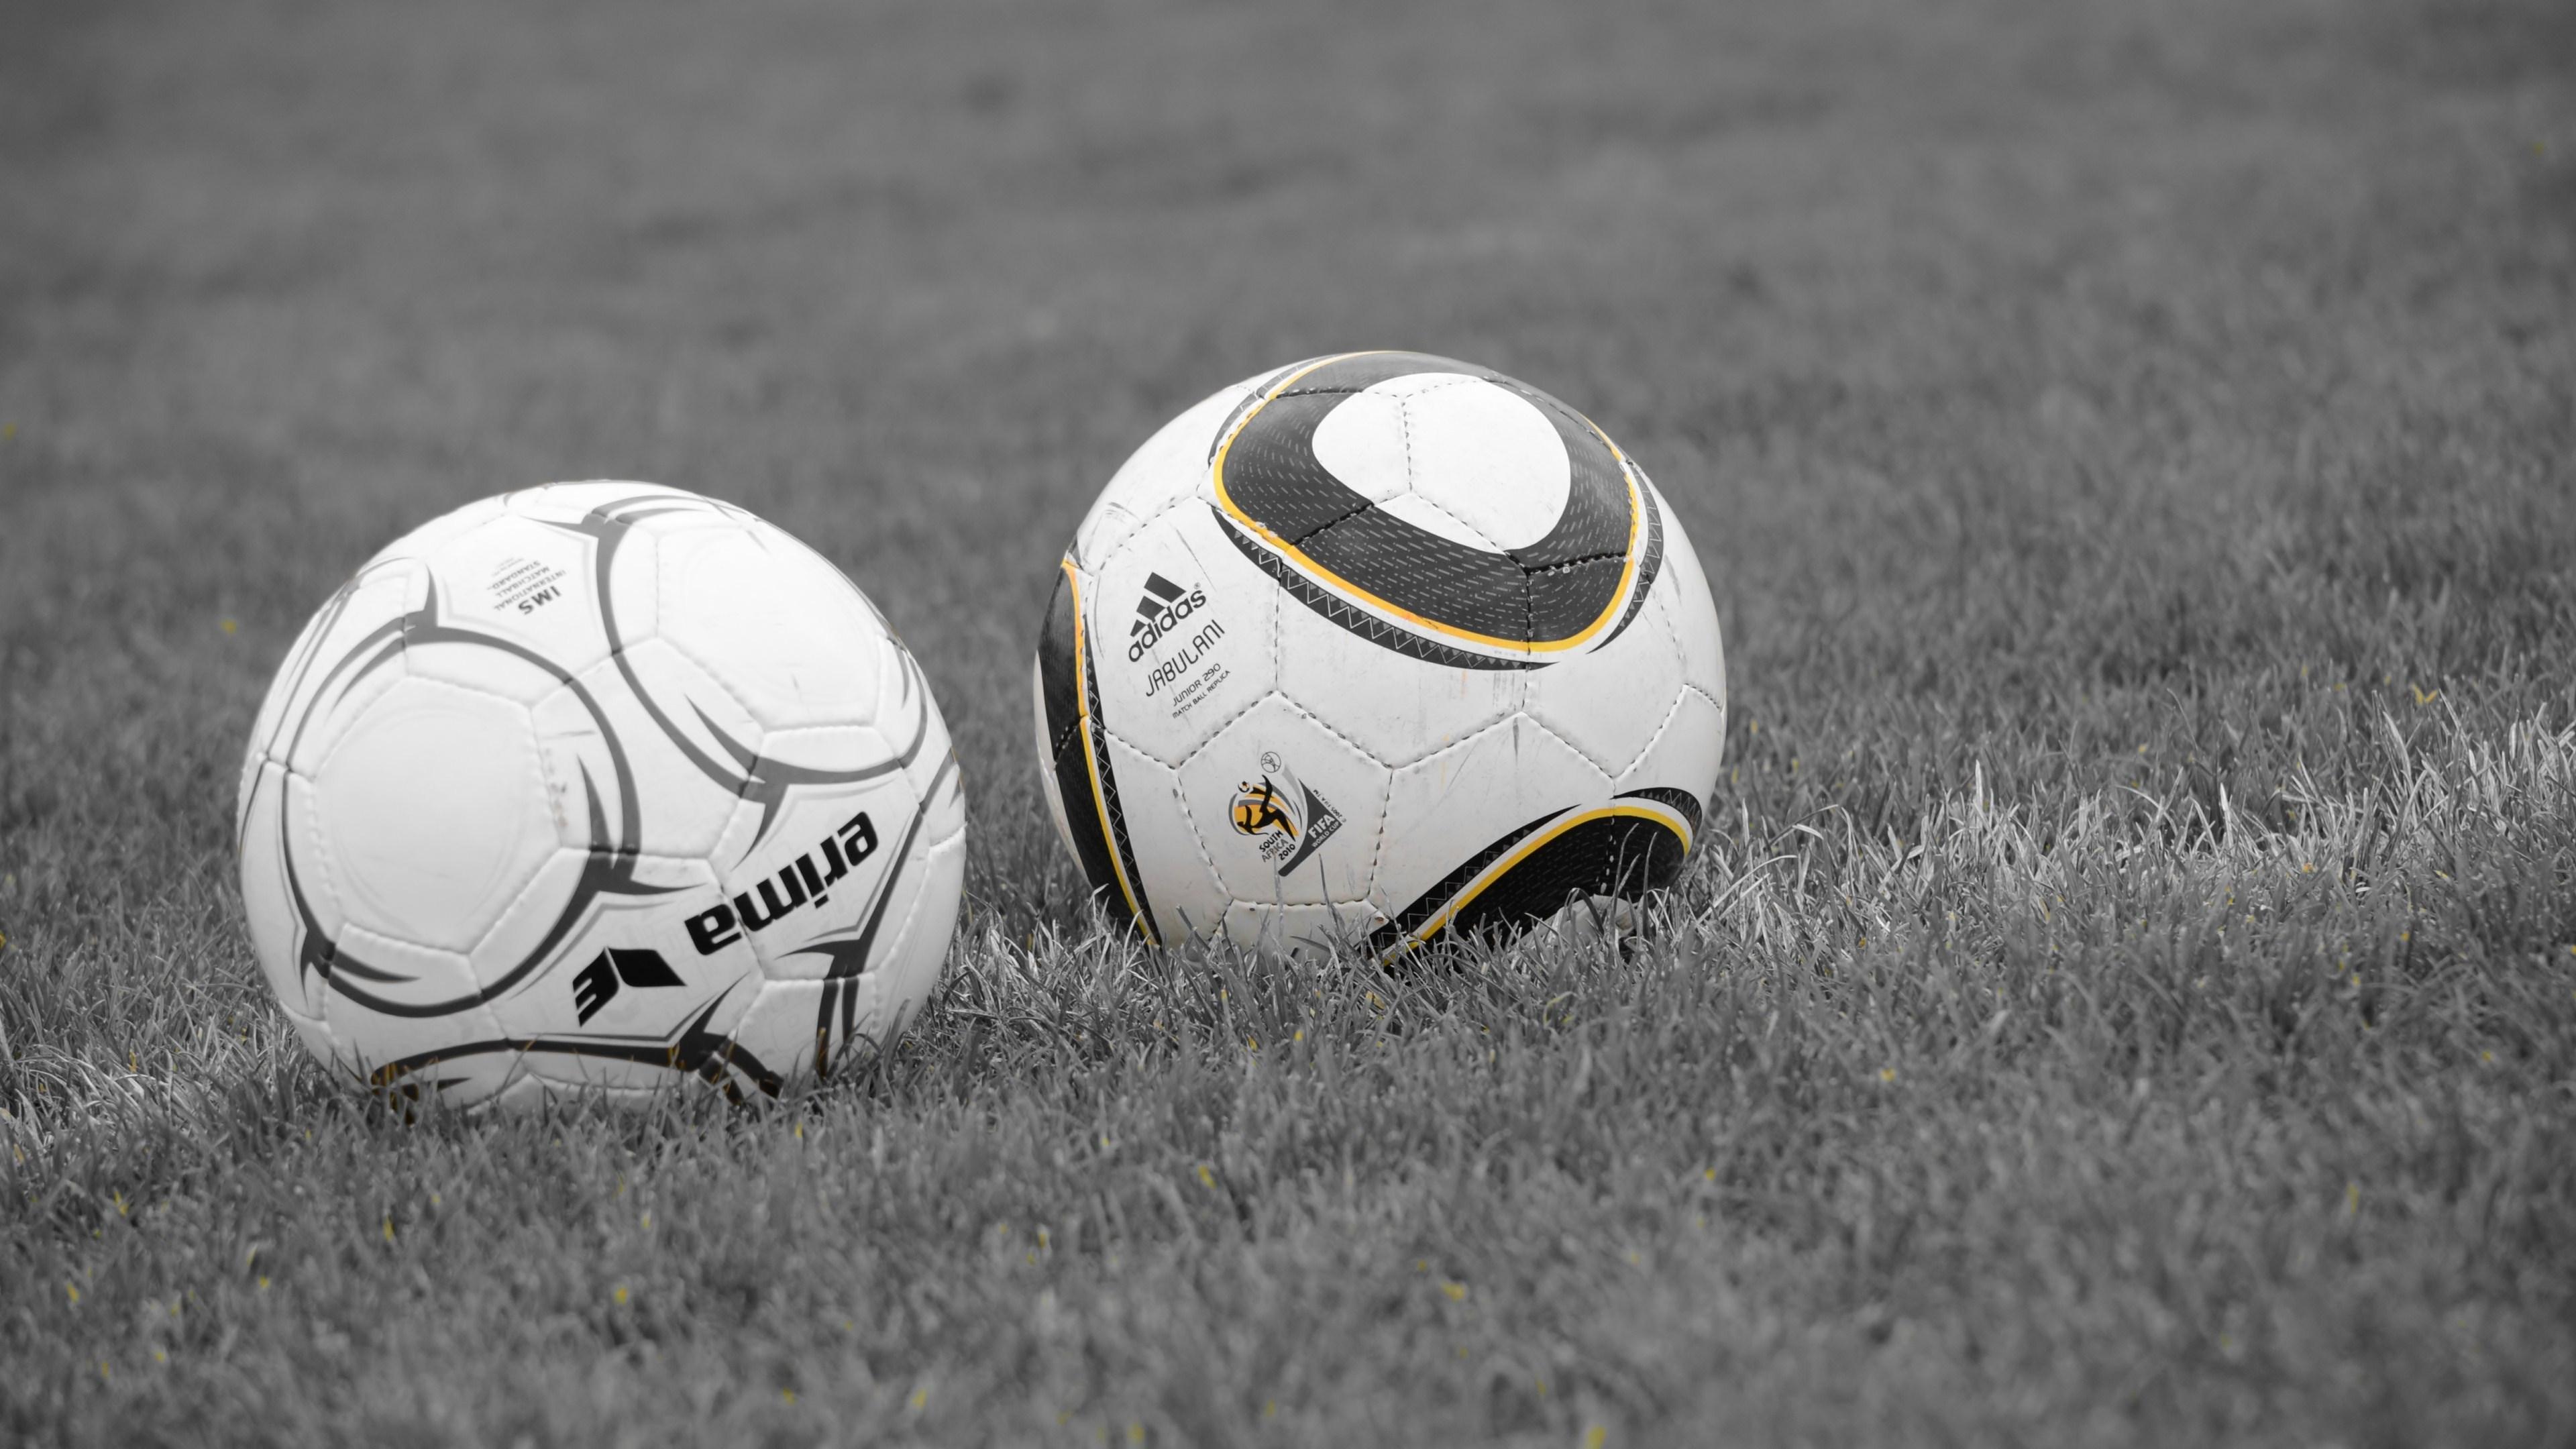 soccer wallpaper,soccer ball,ball,football,pallone,sports equipment